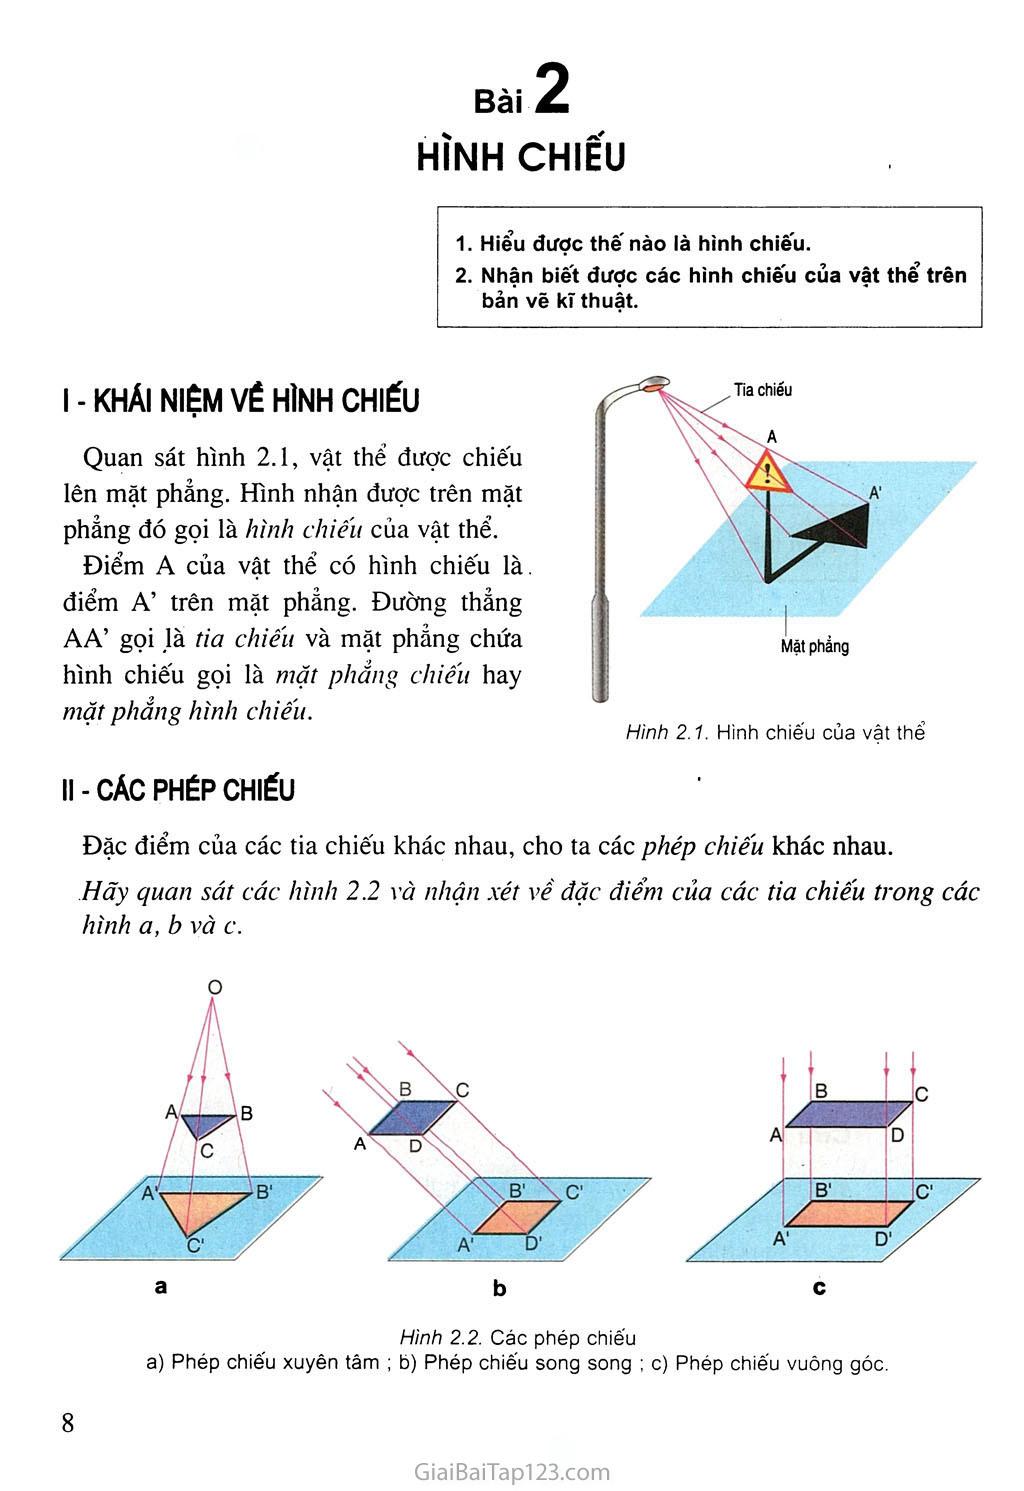 Bài 2. Hình chiếu trang 1